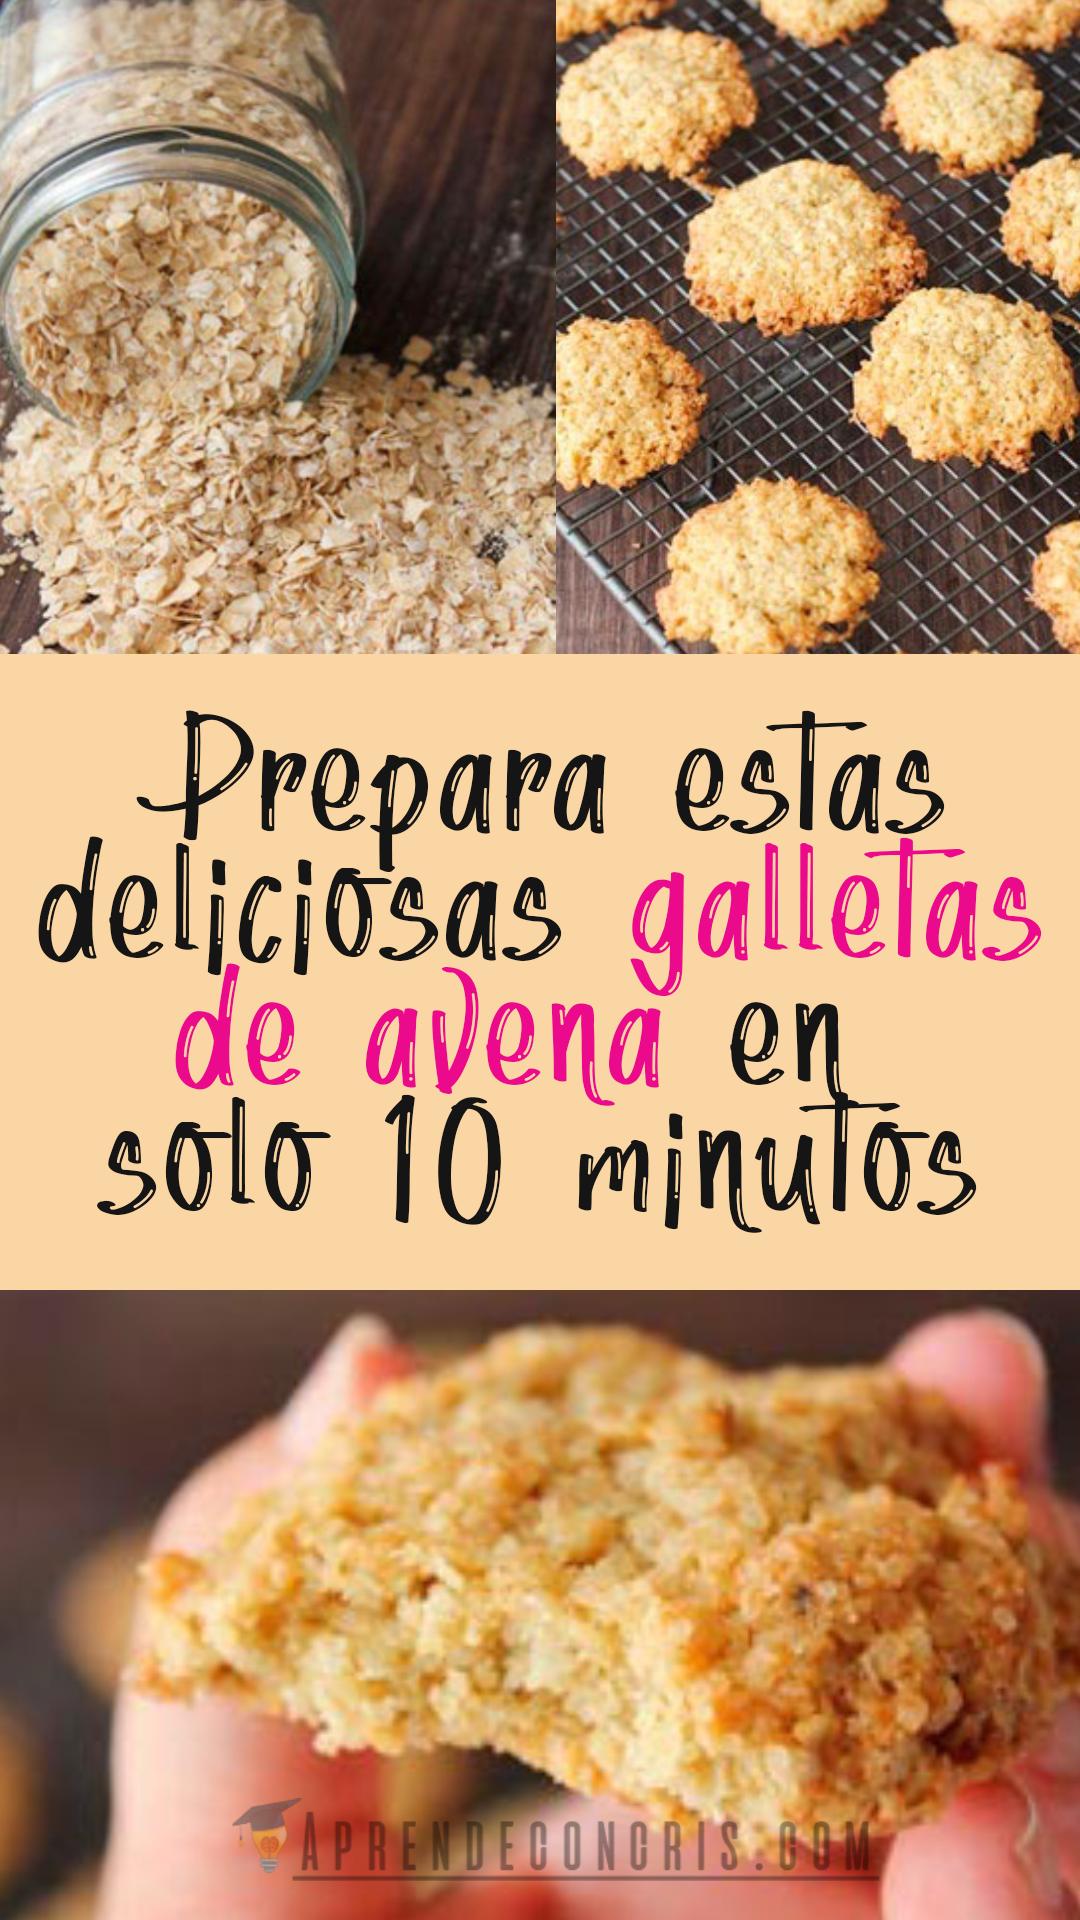 Prepara Estas Deliciosas Galletas En Solo 10 Minutos Comida Vegetariana Recetas Recetas Para Cocinar Recetas Fáciles De Comida